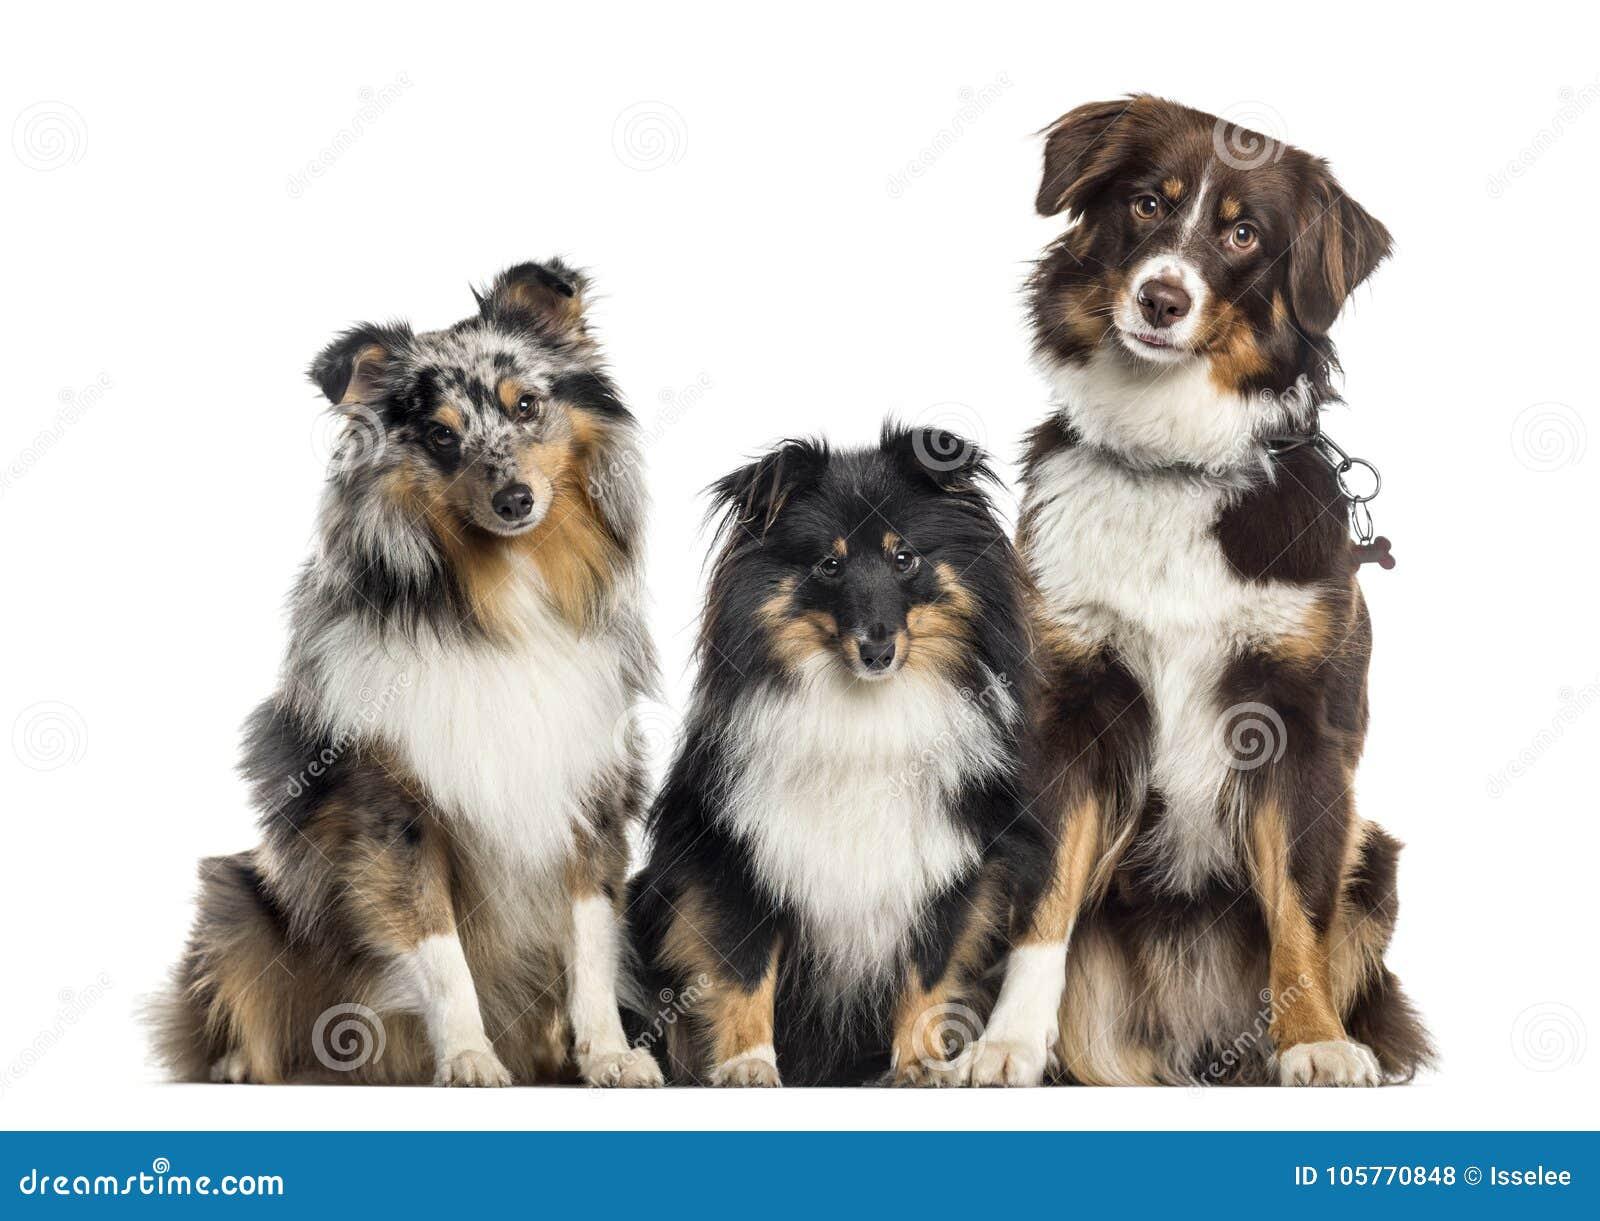 De Herdershond van Shetland en Australische Herder, witte honden op een rij,